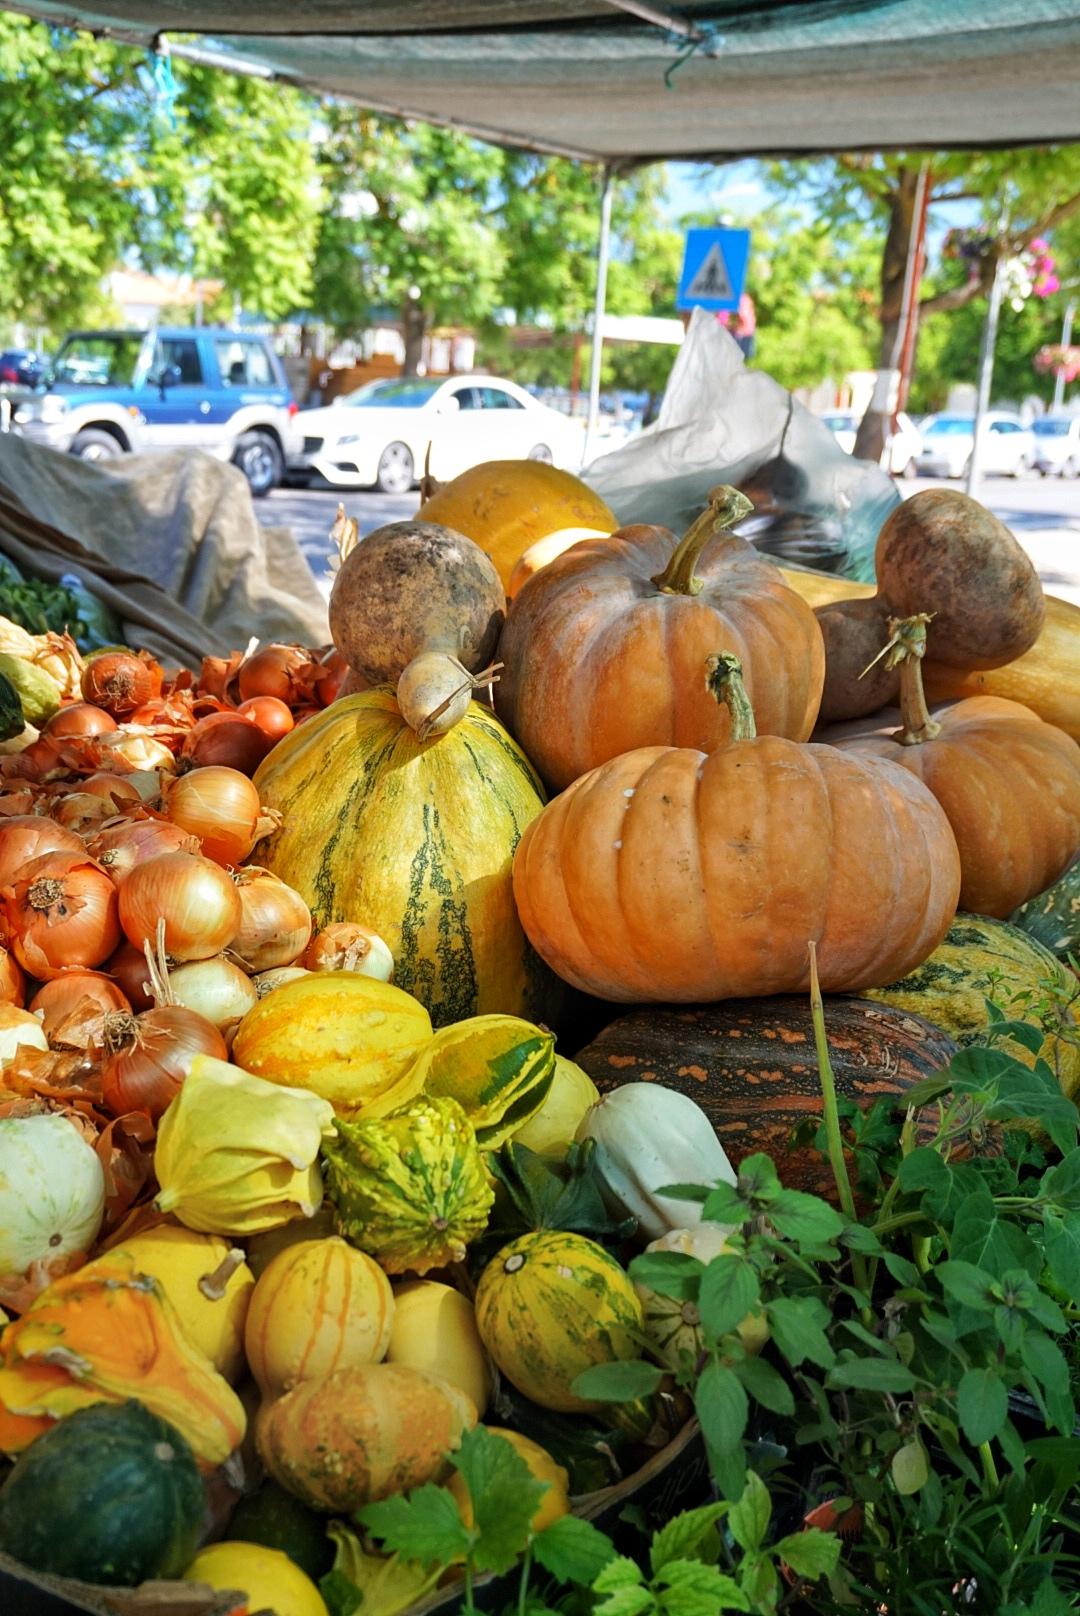 het marmerstadje van Estremoz in Alentejo, Portugal. Op zaterdag kan je hier ook naar de markt op het dorpsplein voor lokale producten en tweedehands spulletjes